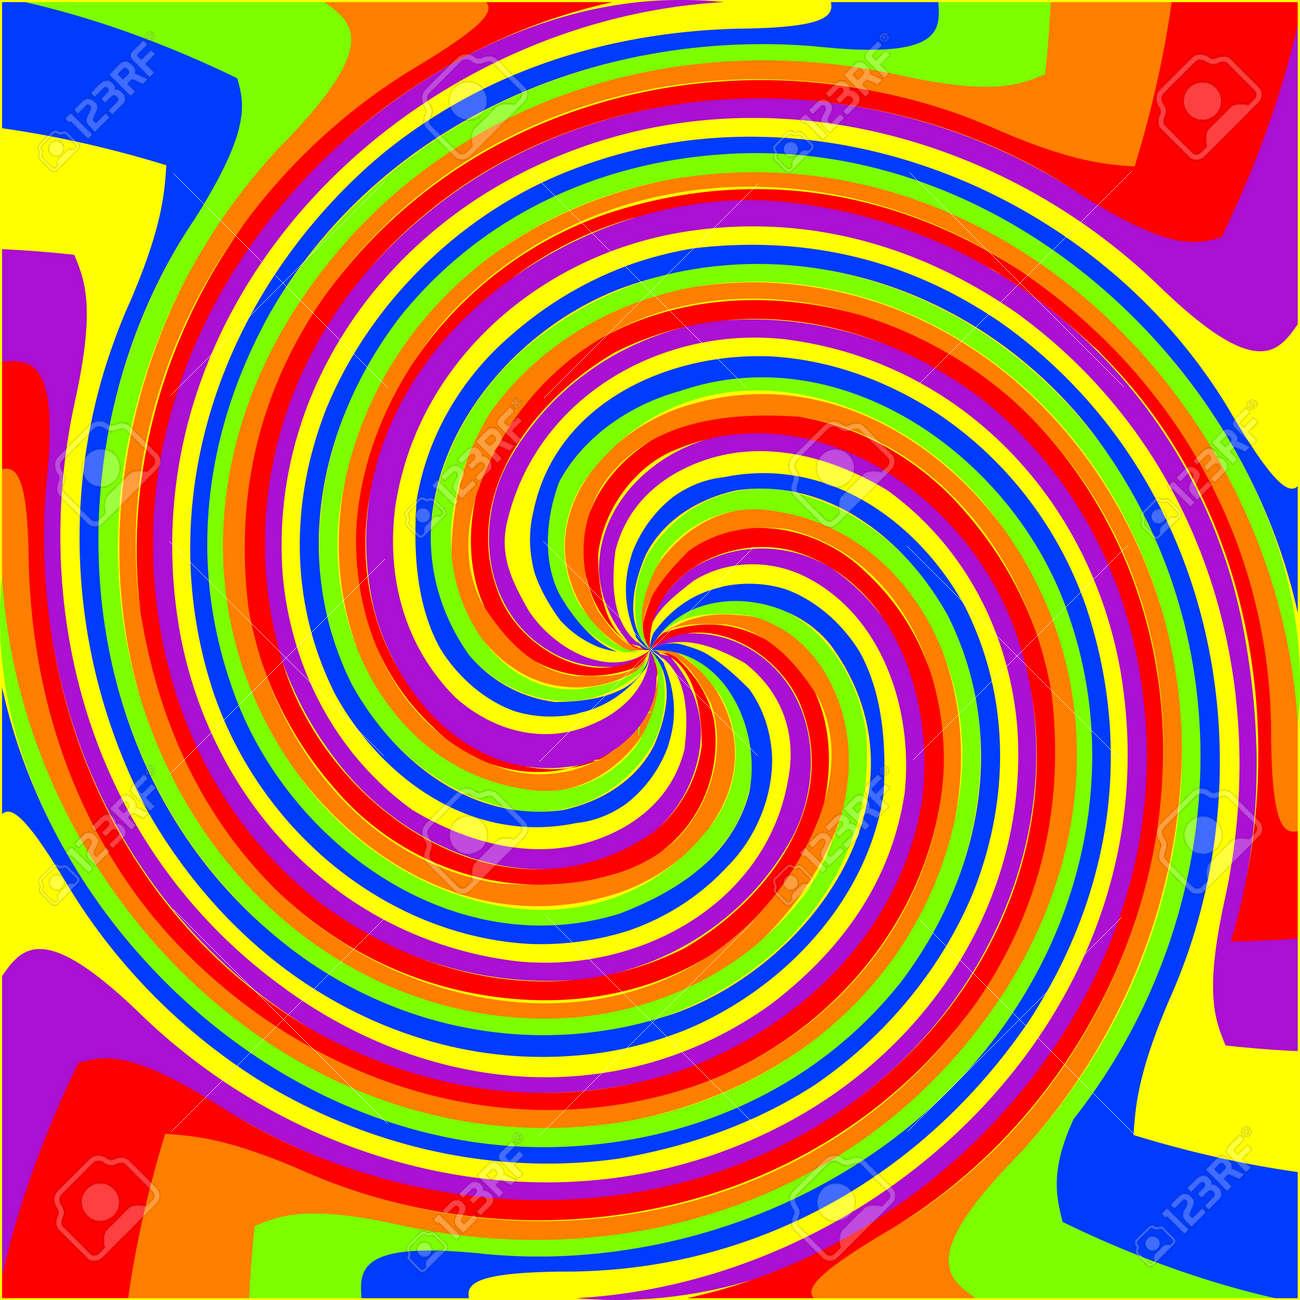 swirl rainbow composition, abstract art illustration Stock Vector - 7441249